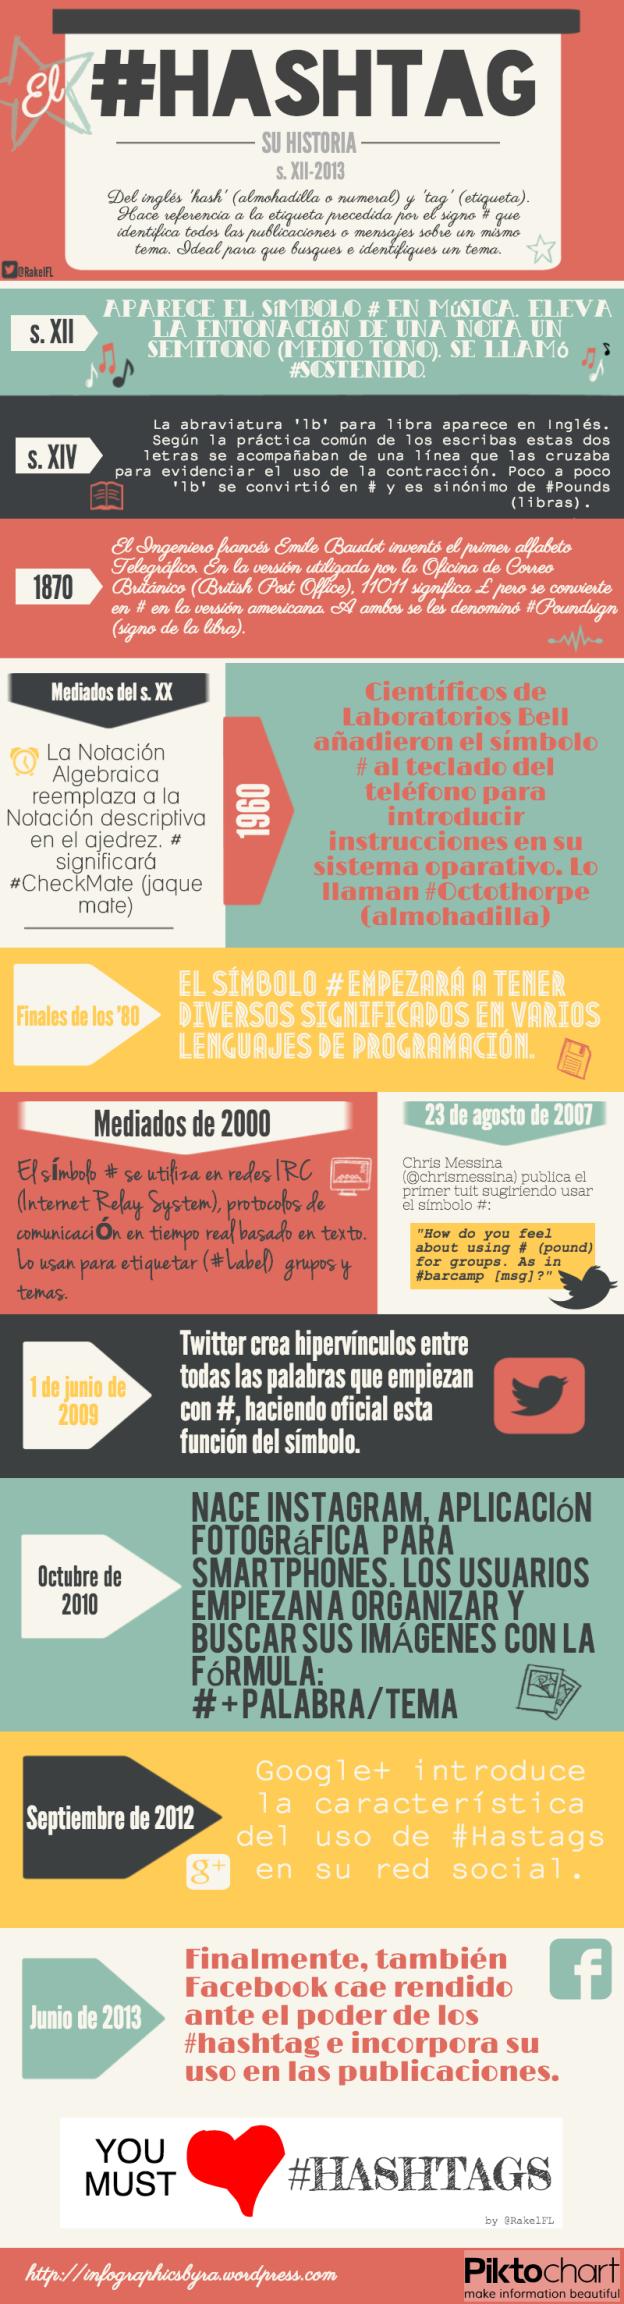 El #Hashtag y su Historia, by @RakelFL